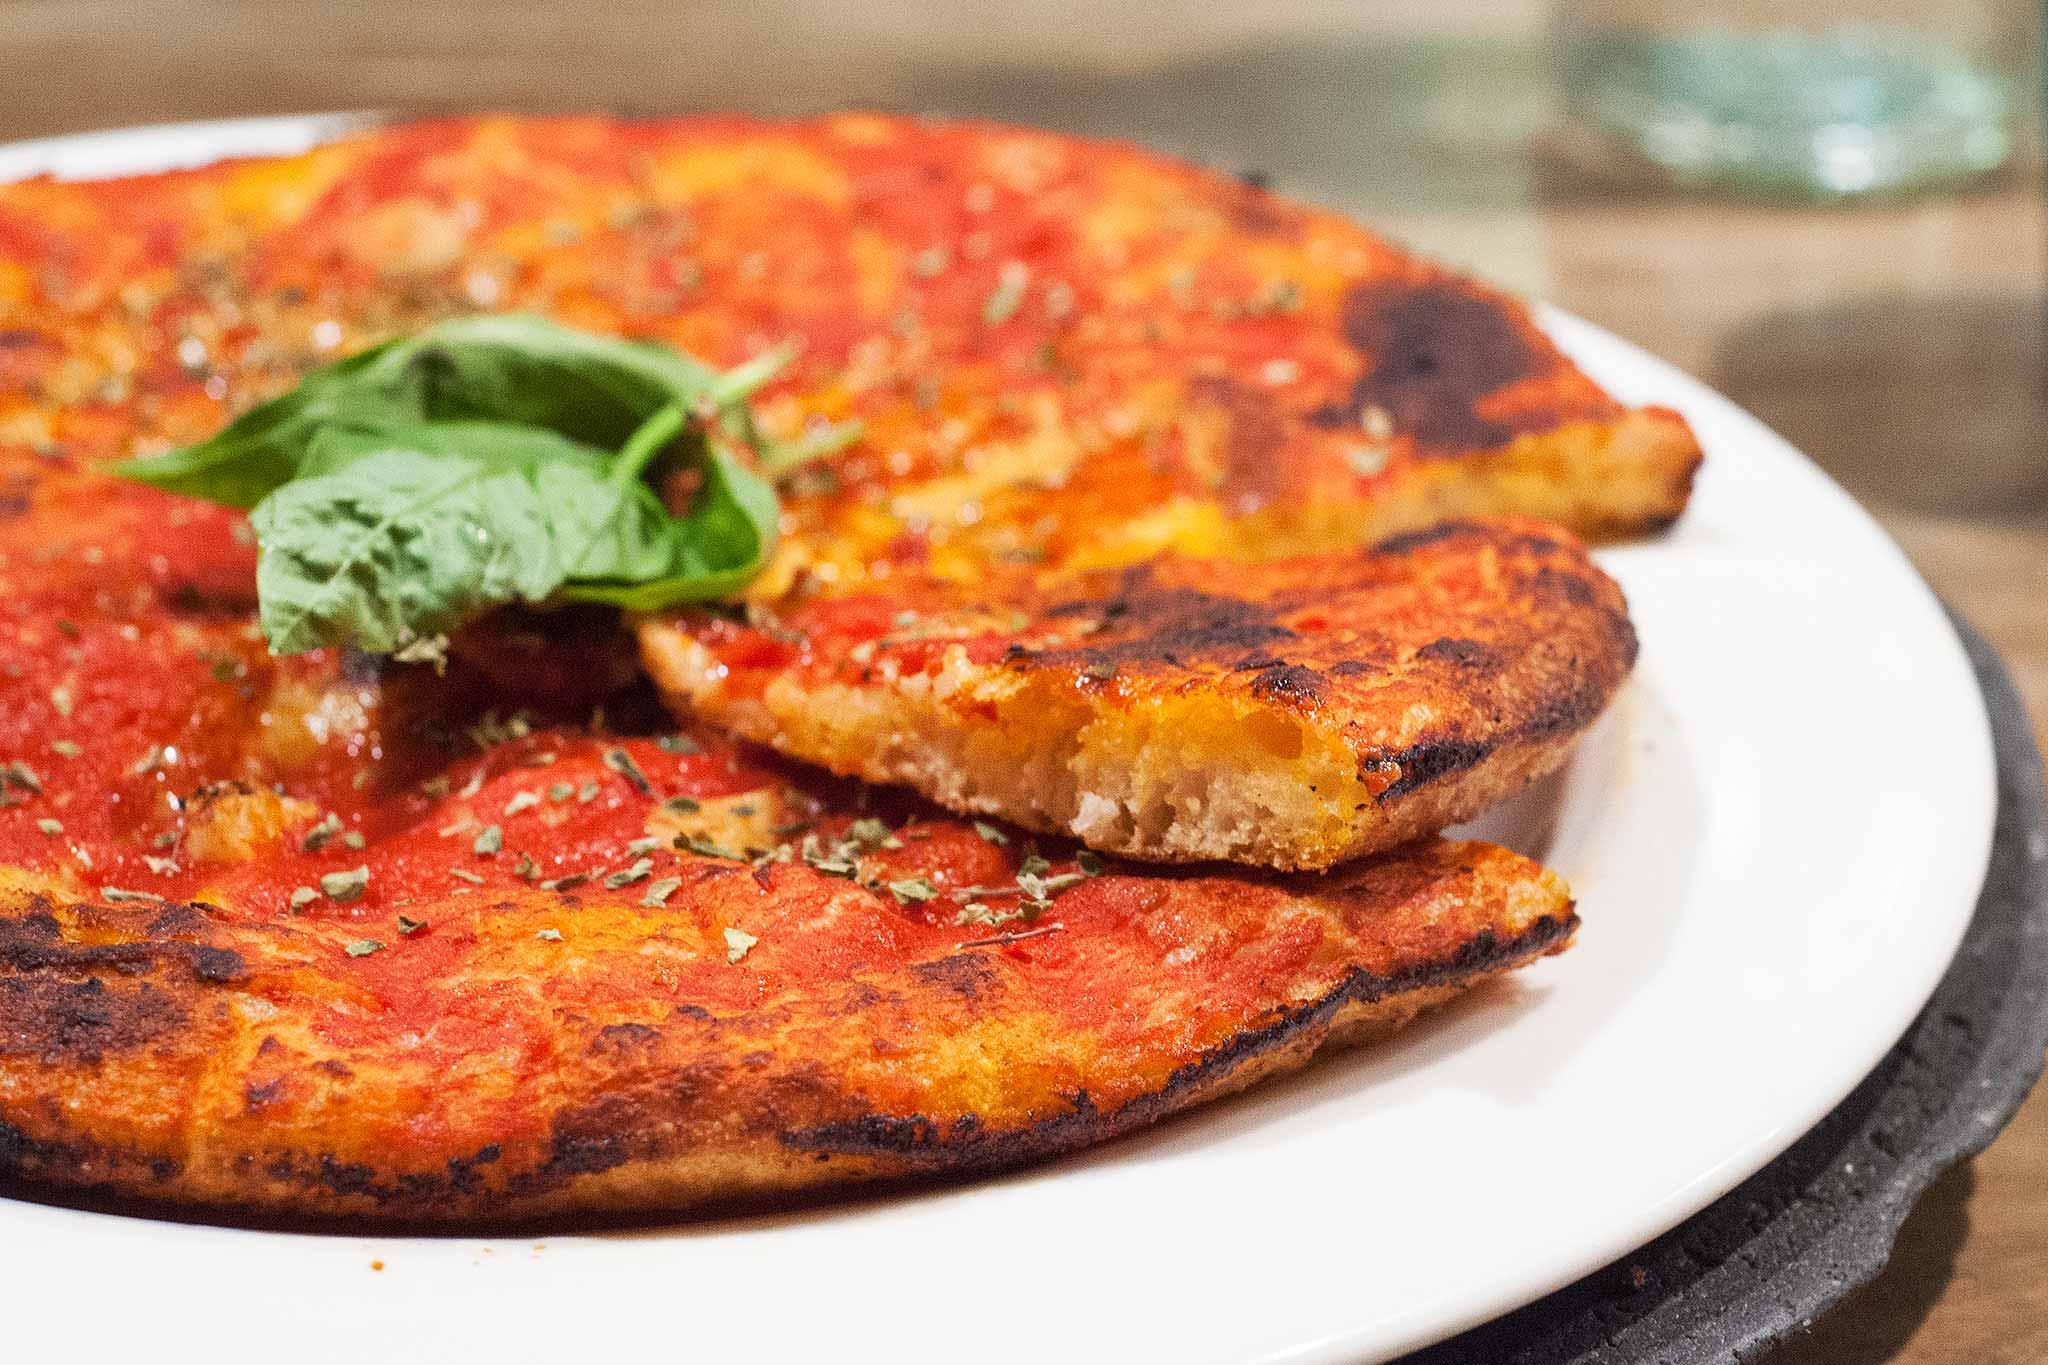 pasqualino-rossi-pizza-nel-ruoto-fetta